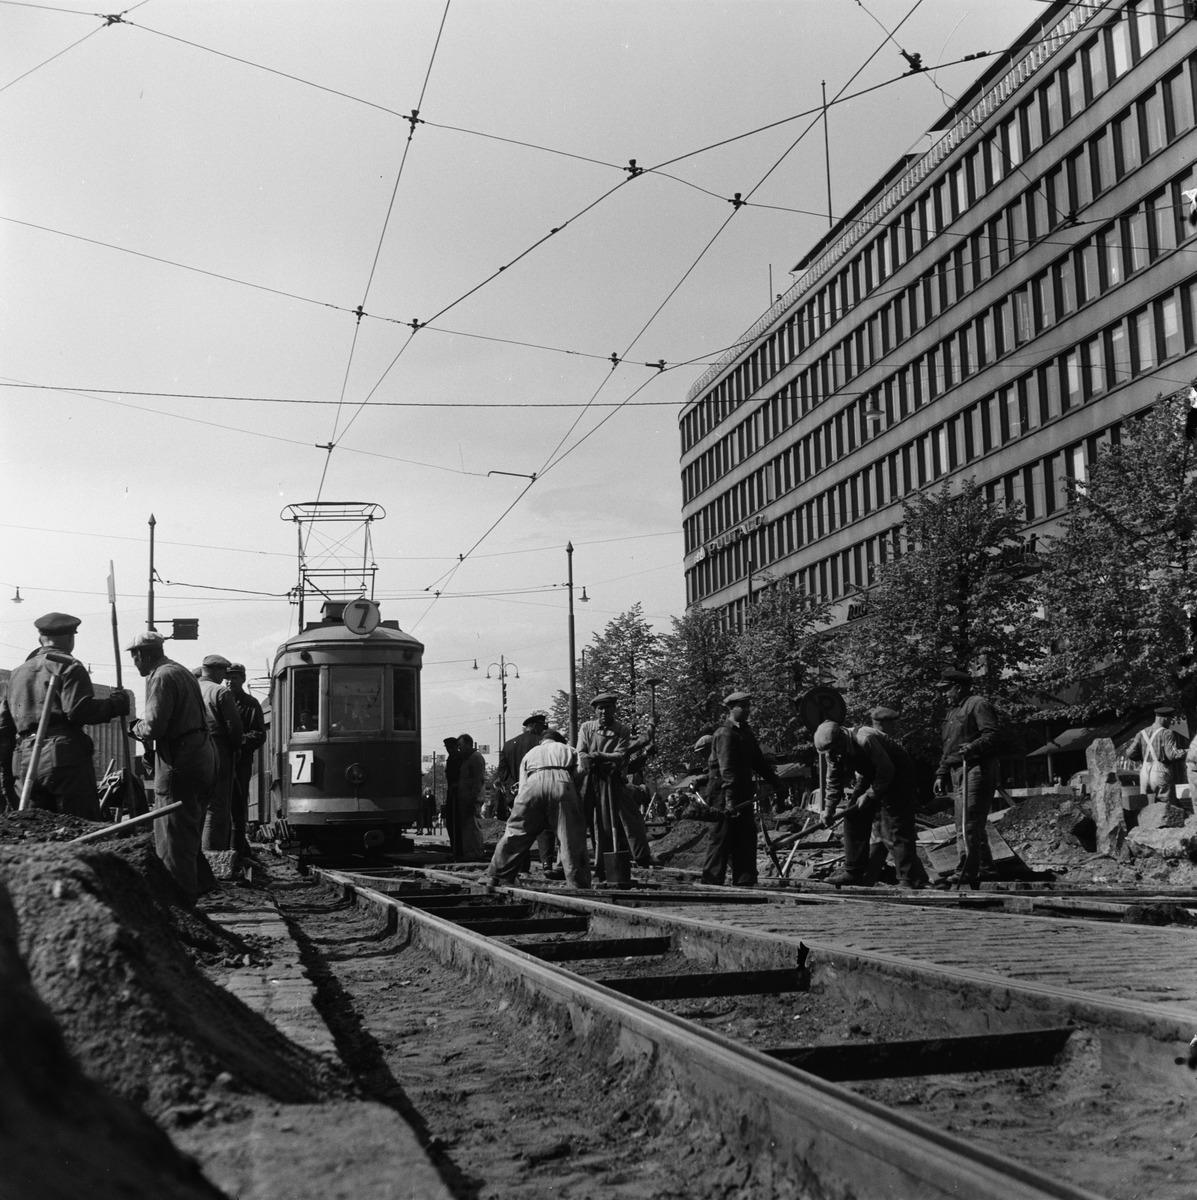 Raitiotiekiskoja korjataan Mannerheimintien ja Kaivokadun risteyksessä